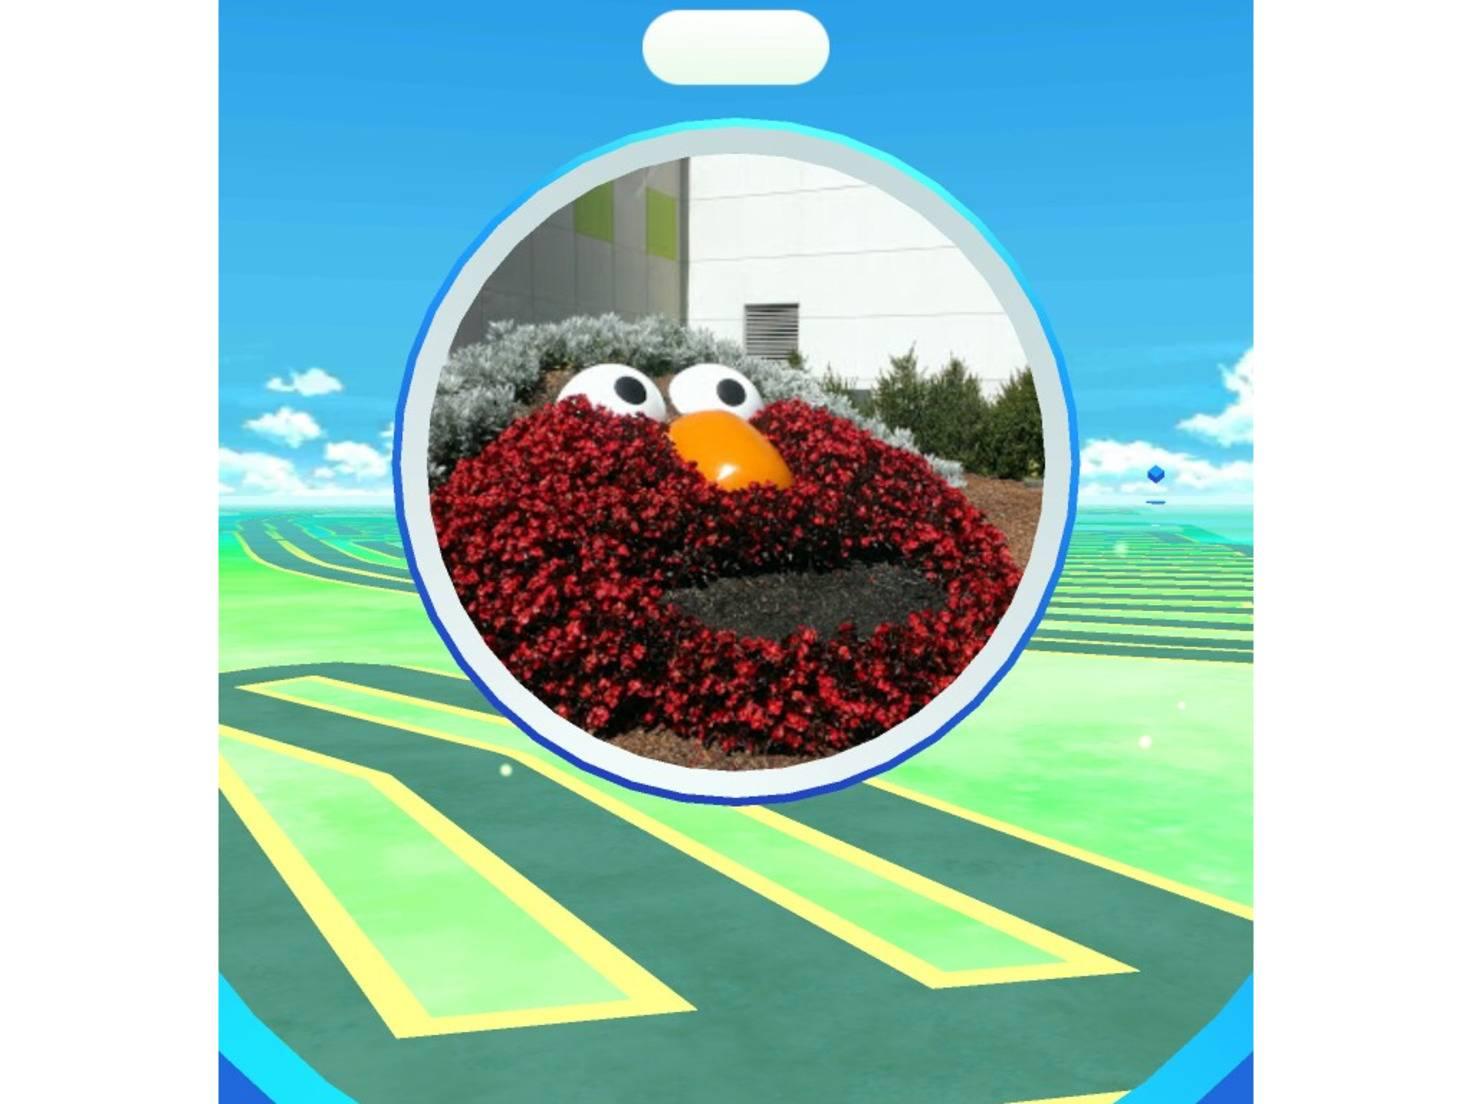 Pokestop_Pokémon_Elmo